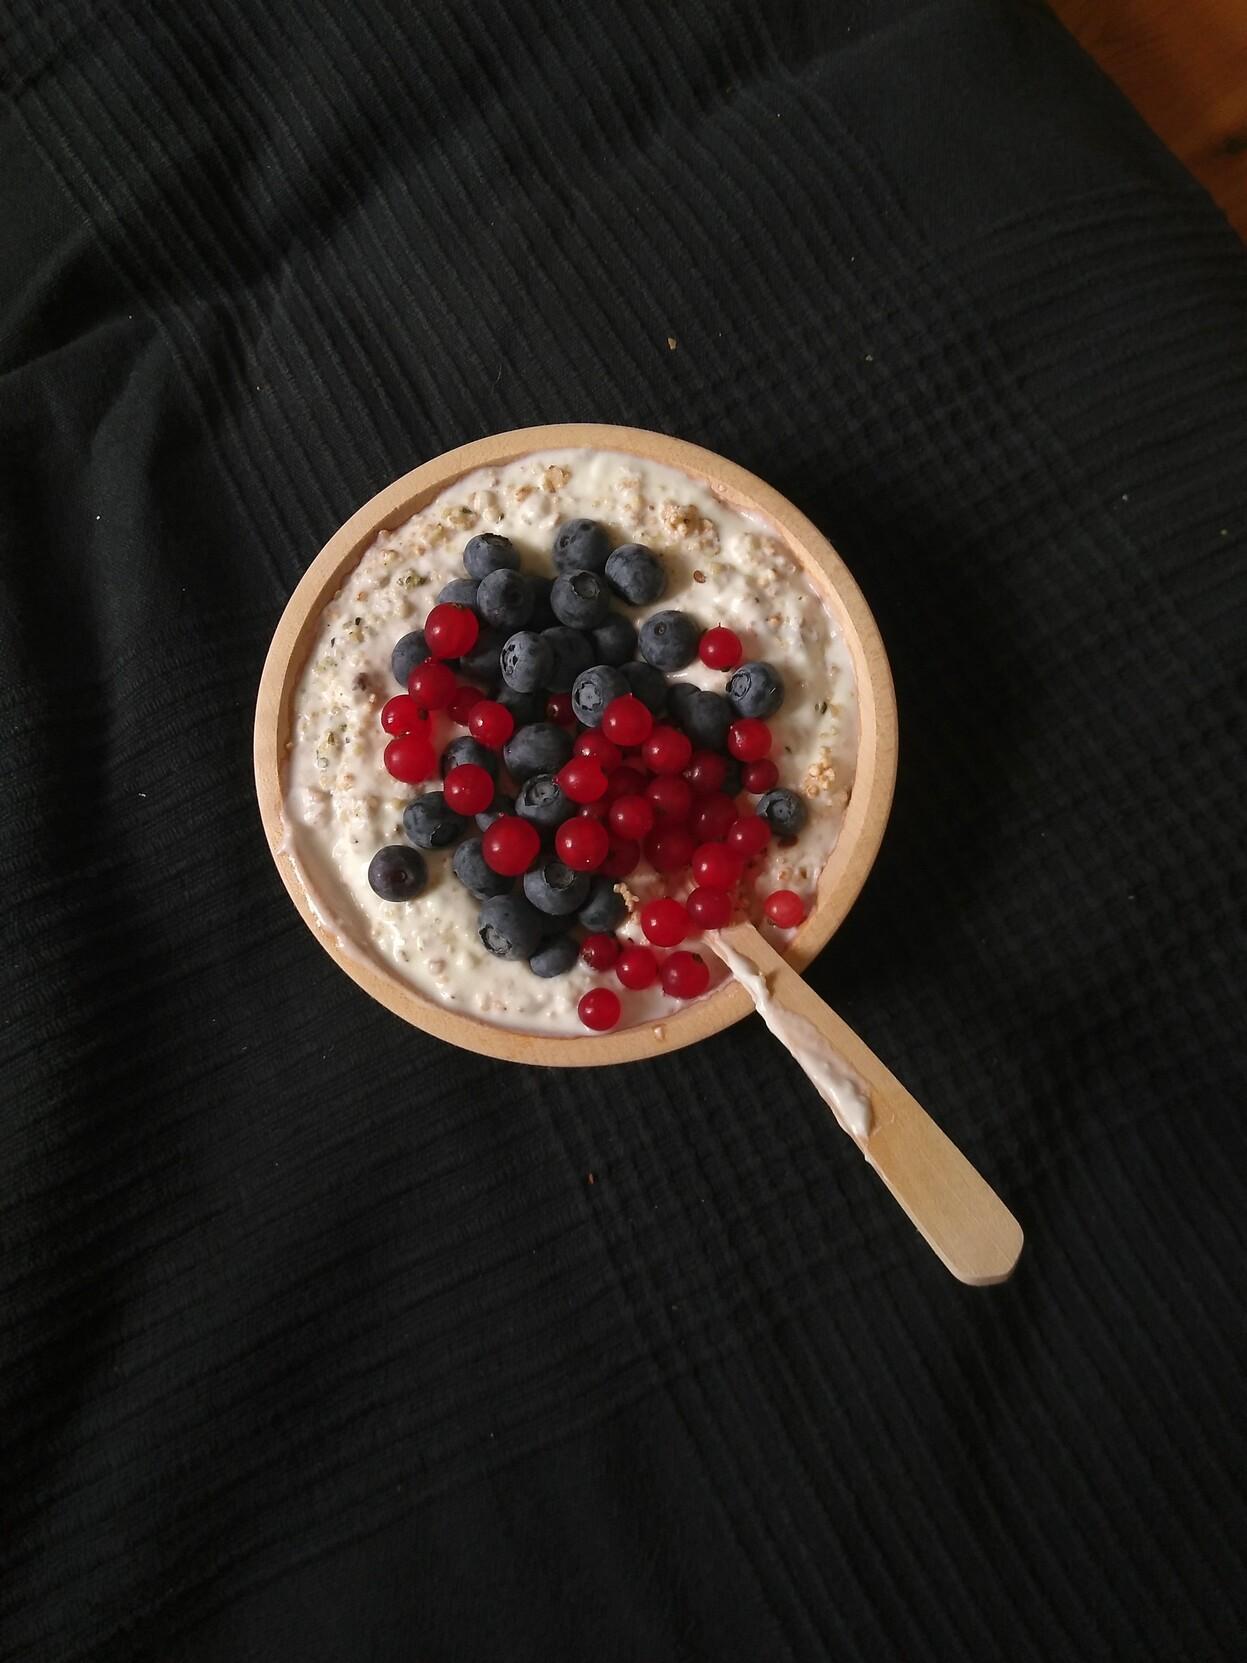 Eine Schüssel aus hellem Holz. Darin Schafjoghurt mit Blaubeeren und roten Johannisbeeren drauf und einem Holzlöffel der in dem Joghurt steckt